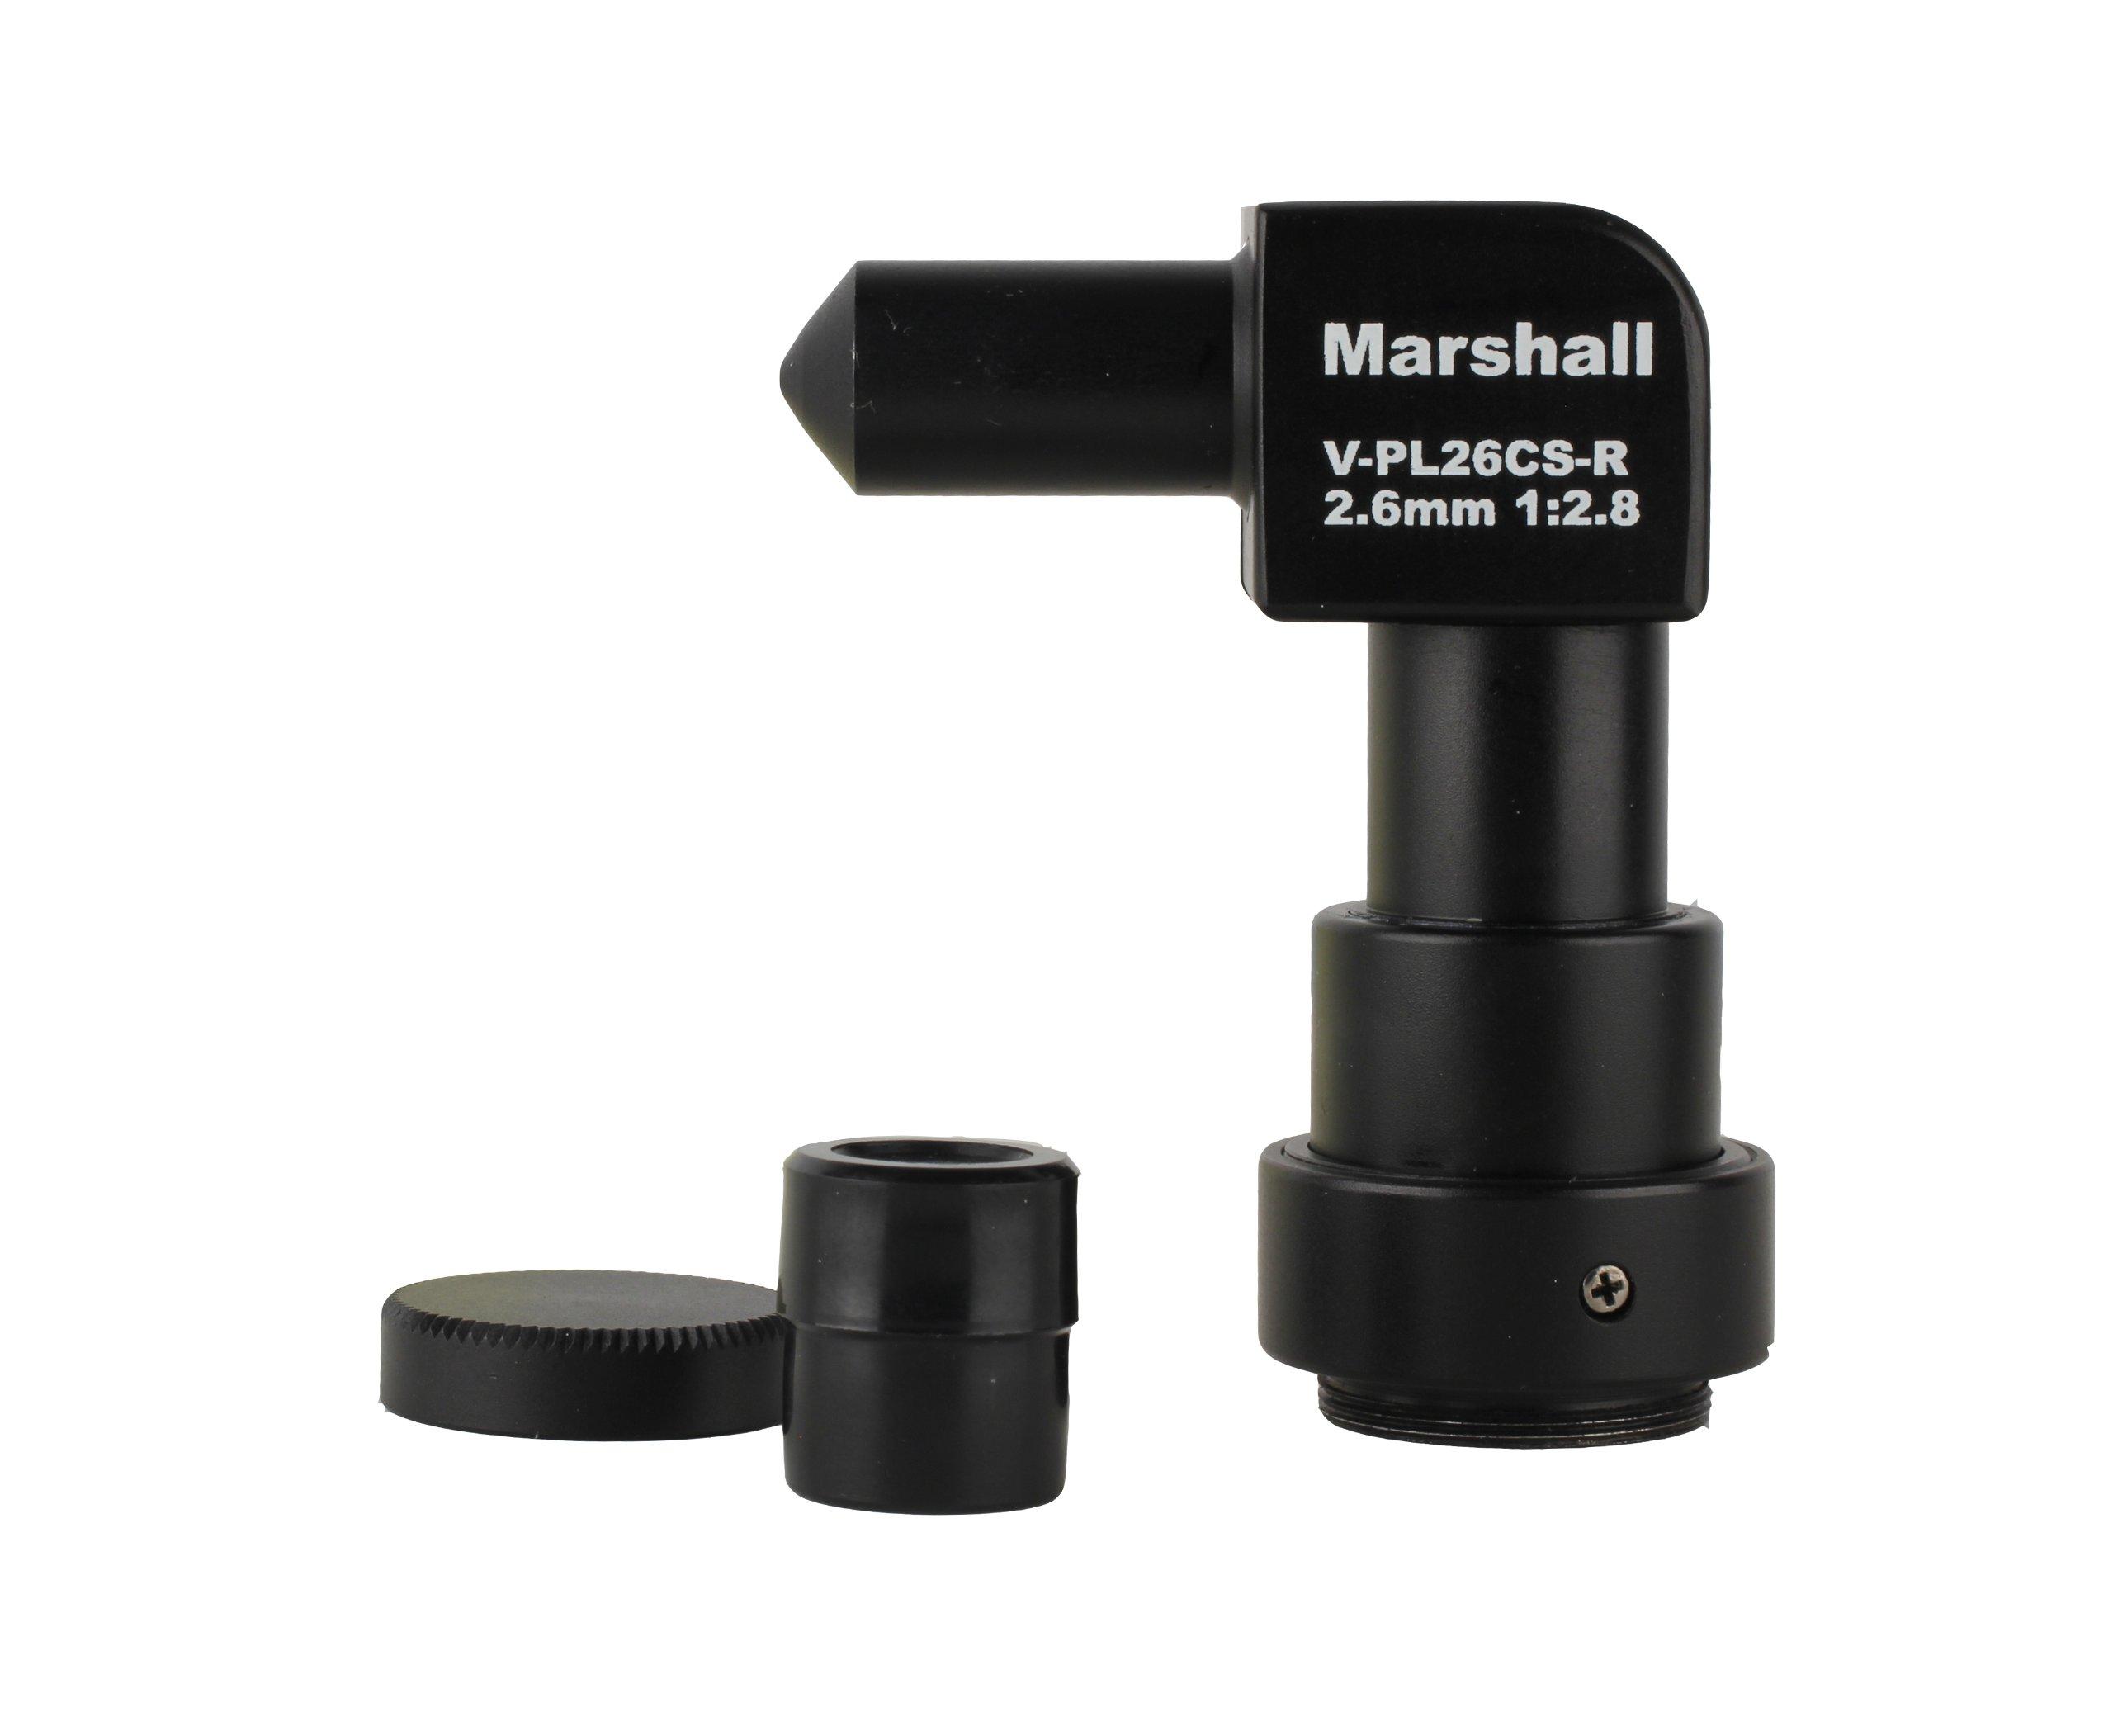 Marshall Electronics V-PL26CS-R 2.6mm f2.8 CS Mount Right Angle Pinhole Lens (Black)